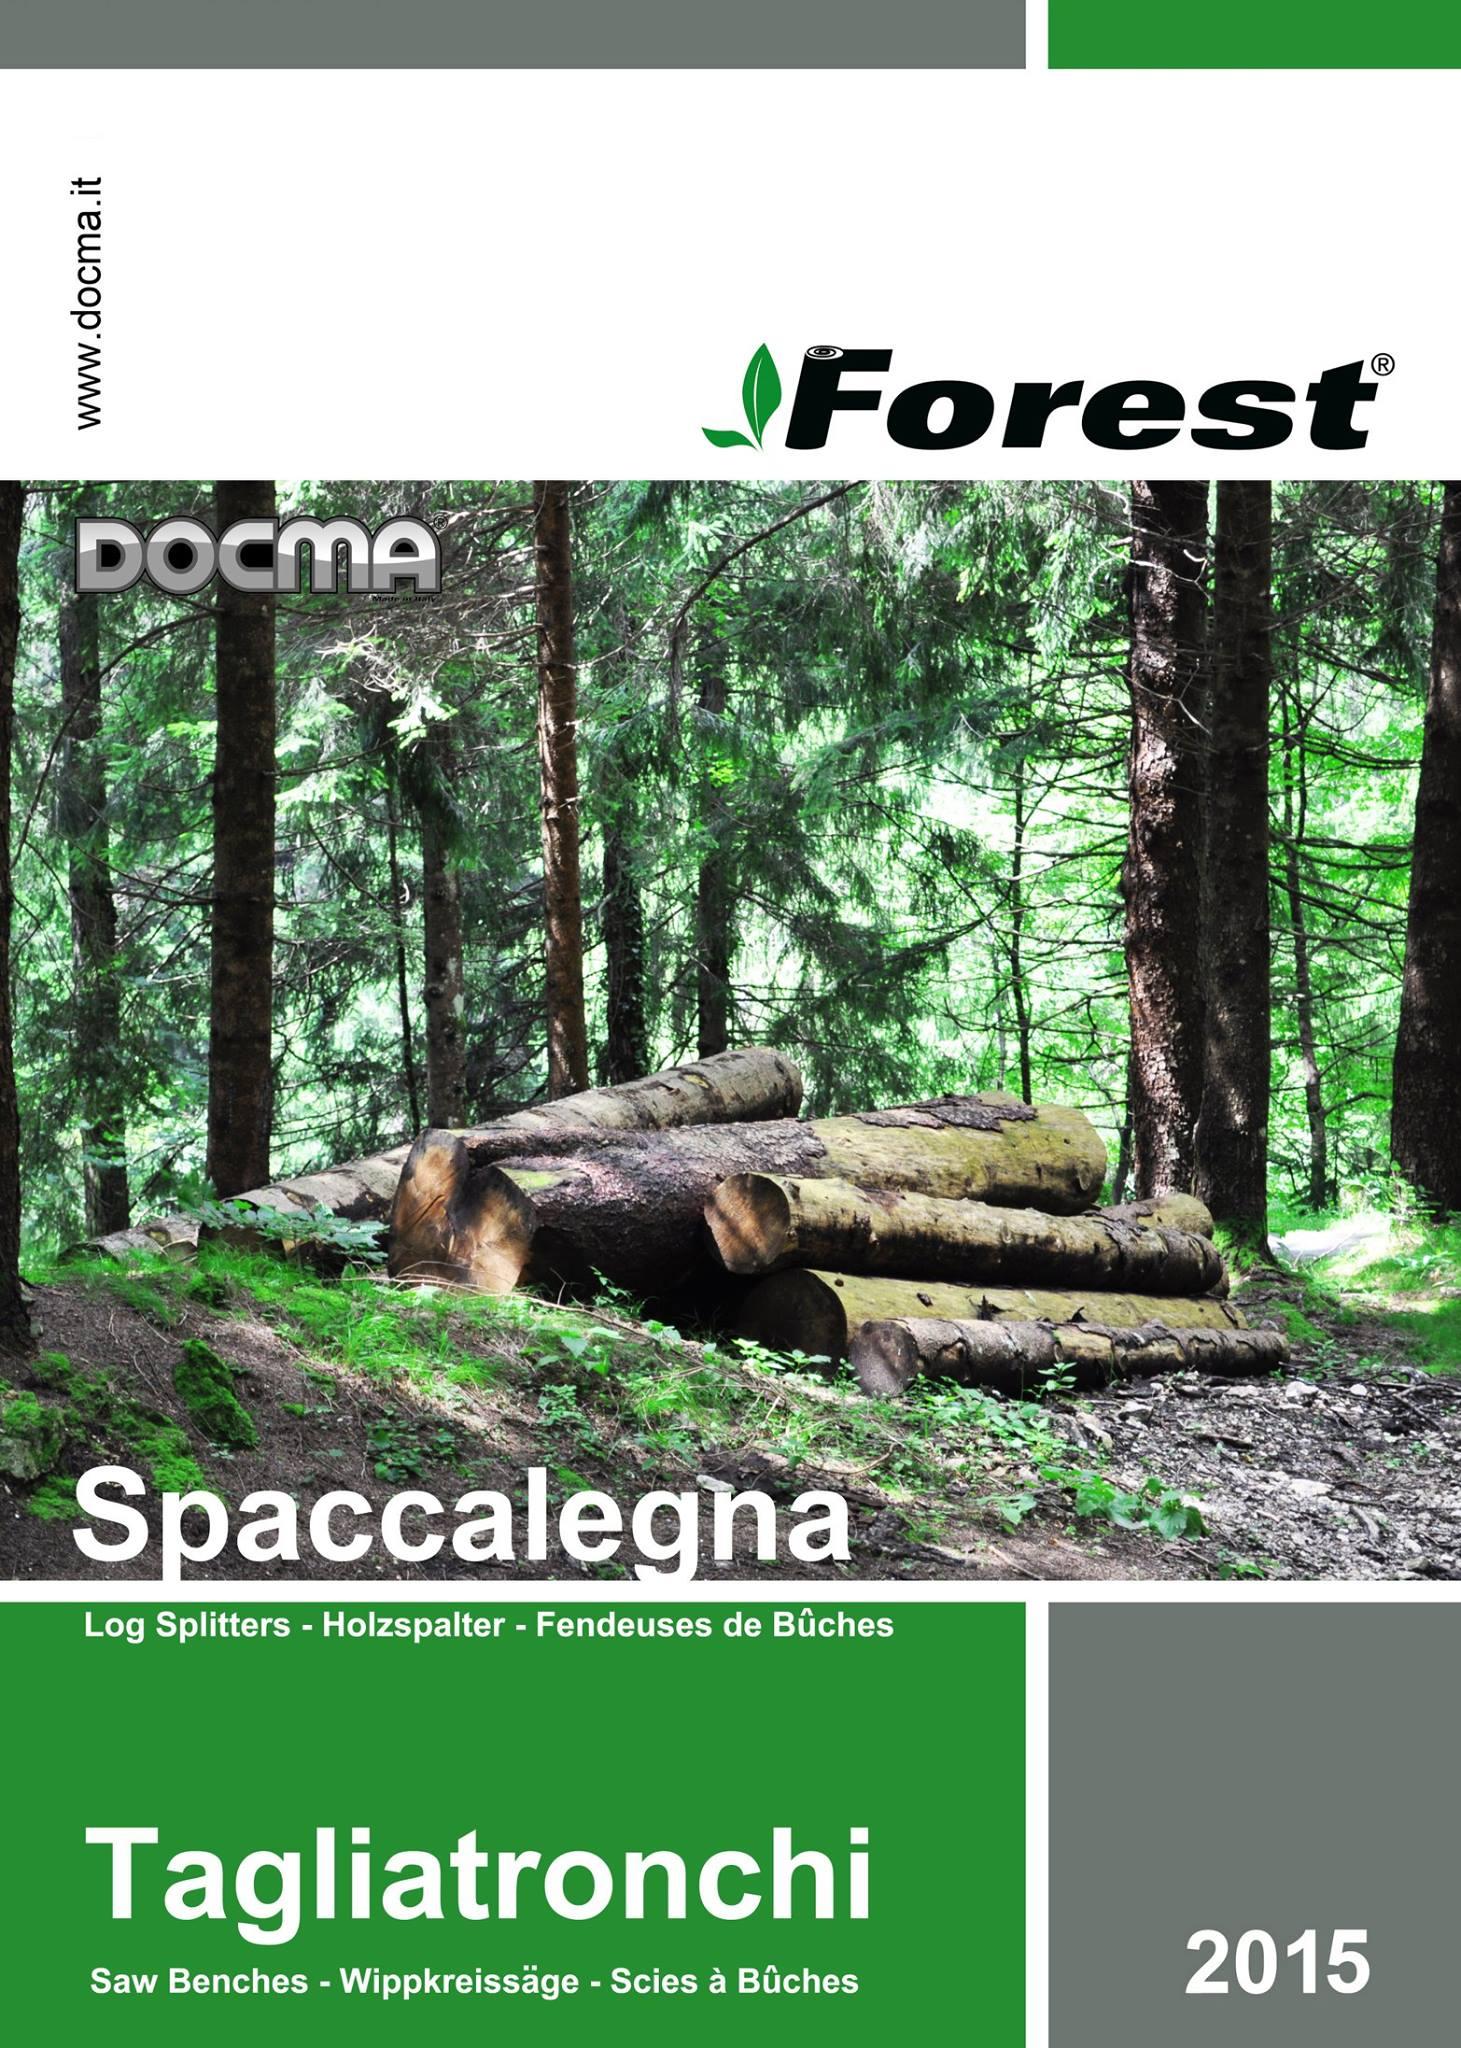 Wald 2015 - www.docma.it